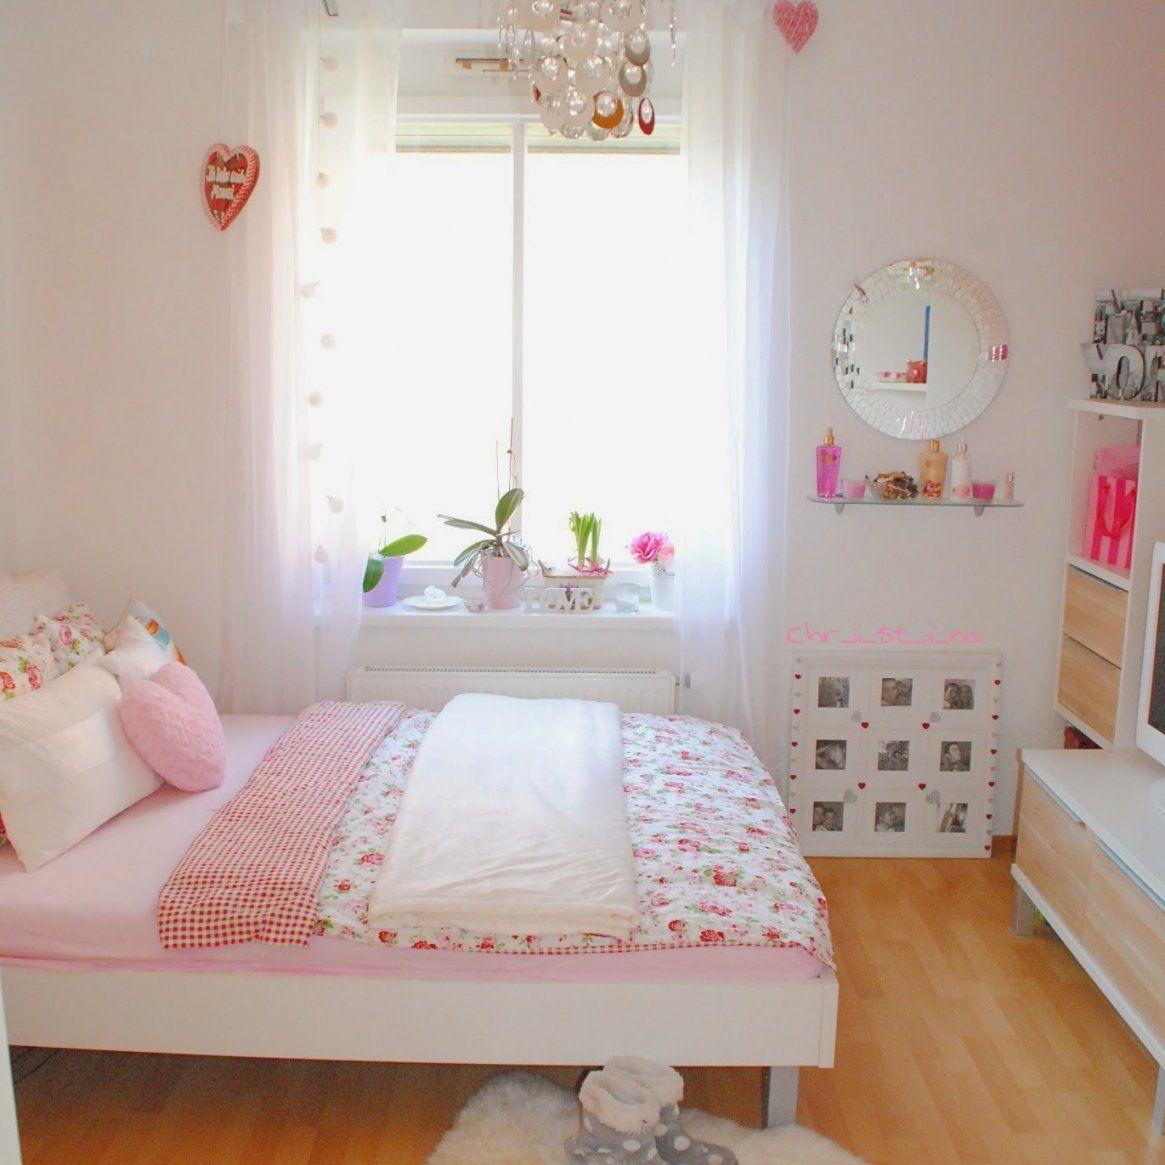 Bettwäsche 240x220 Ikea Schlafzimmer Komplett Pinie Kopfkissen Mit